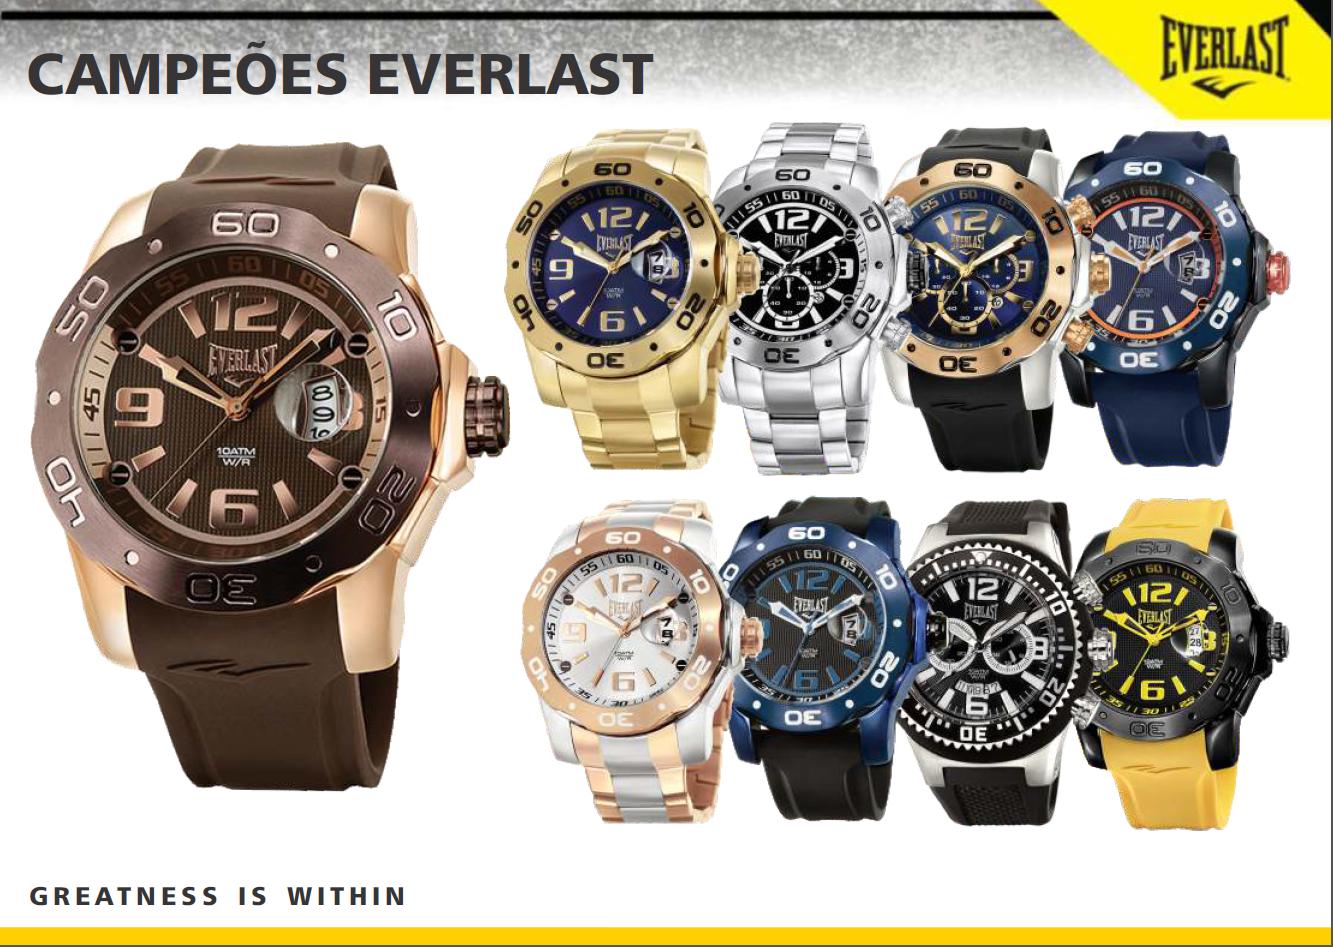 58f0d93f365 A EVERLAST trouxe para o mercado relojoeiro esses qualidade e inovação e  hoje os relógios EVERLAST estão inseridos em mais de 180 pontos de venda  por todo o ...